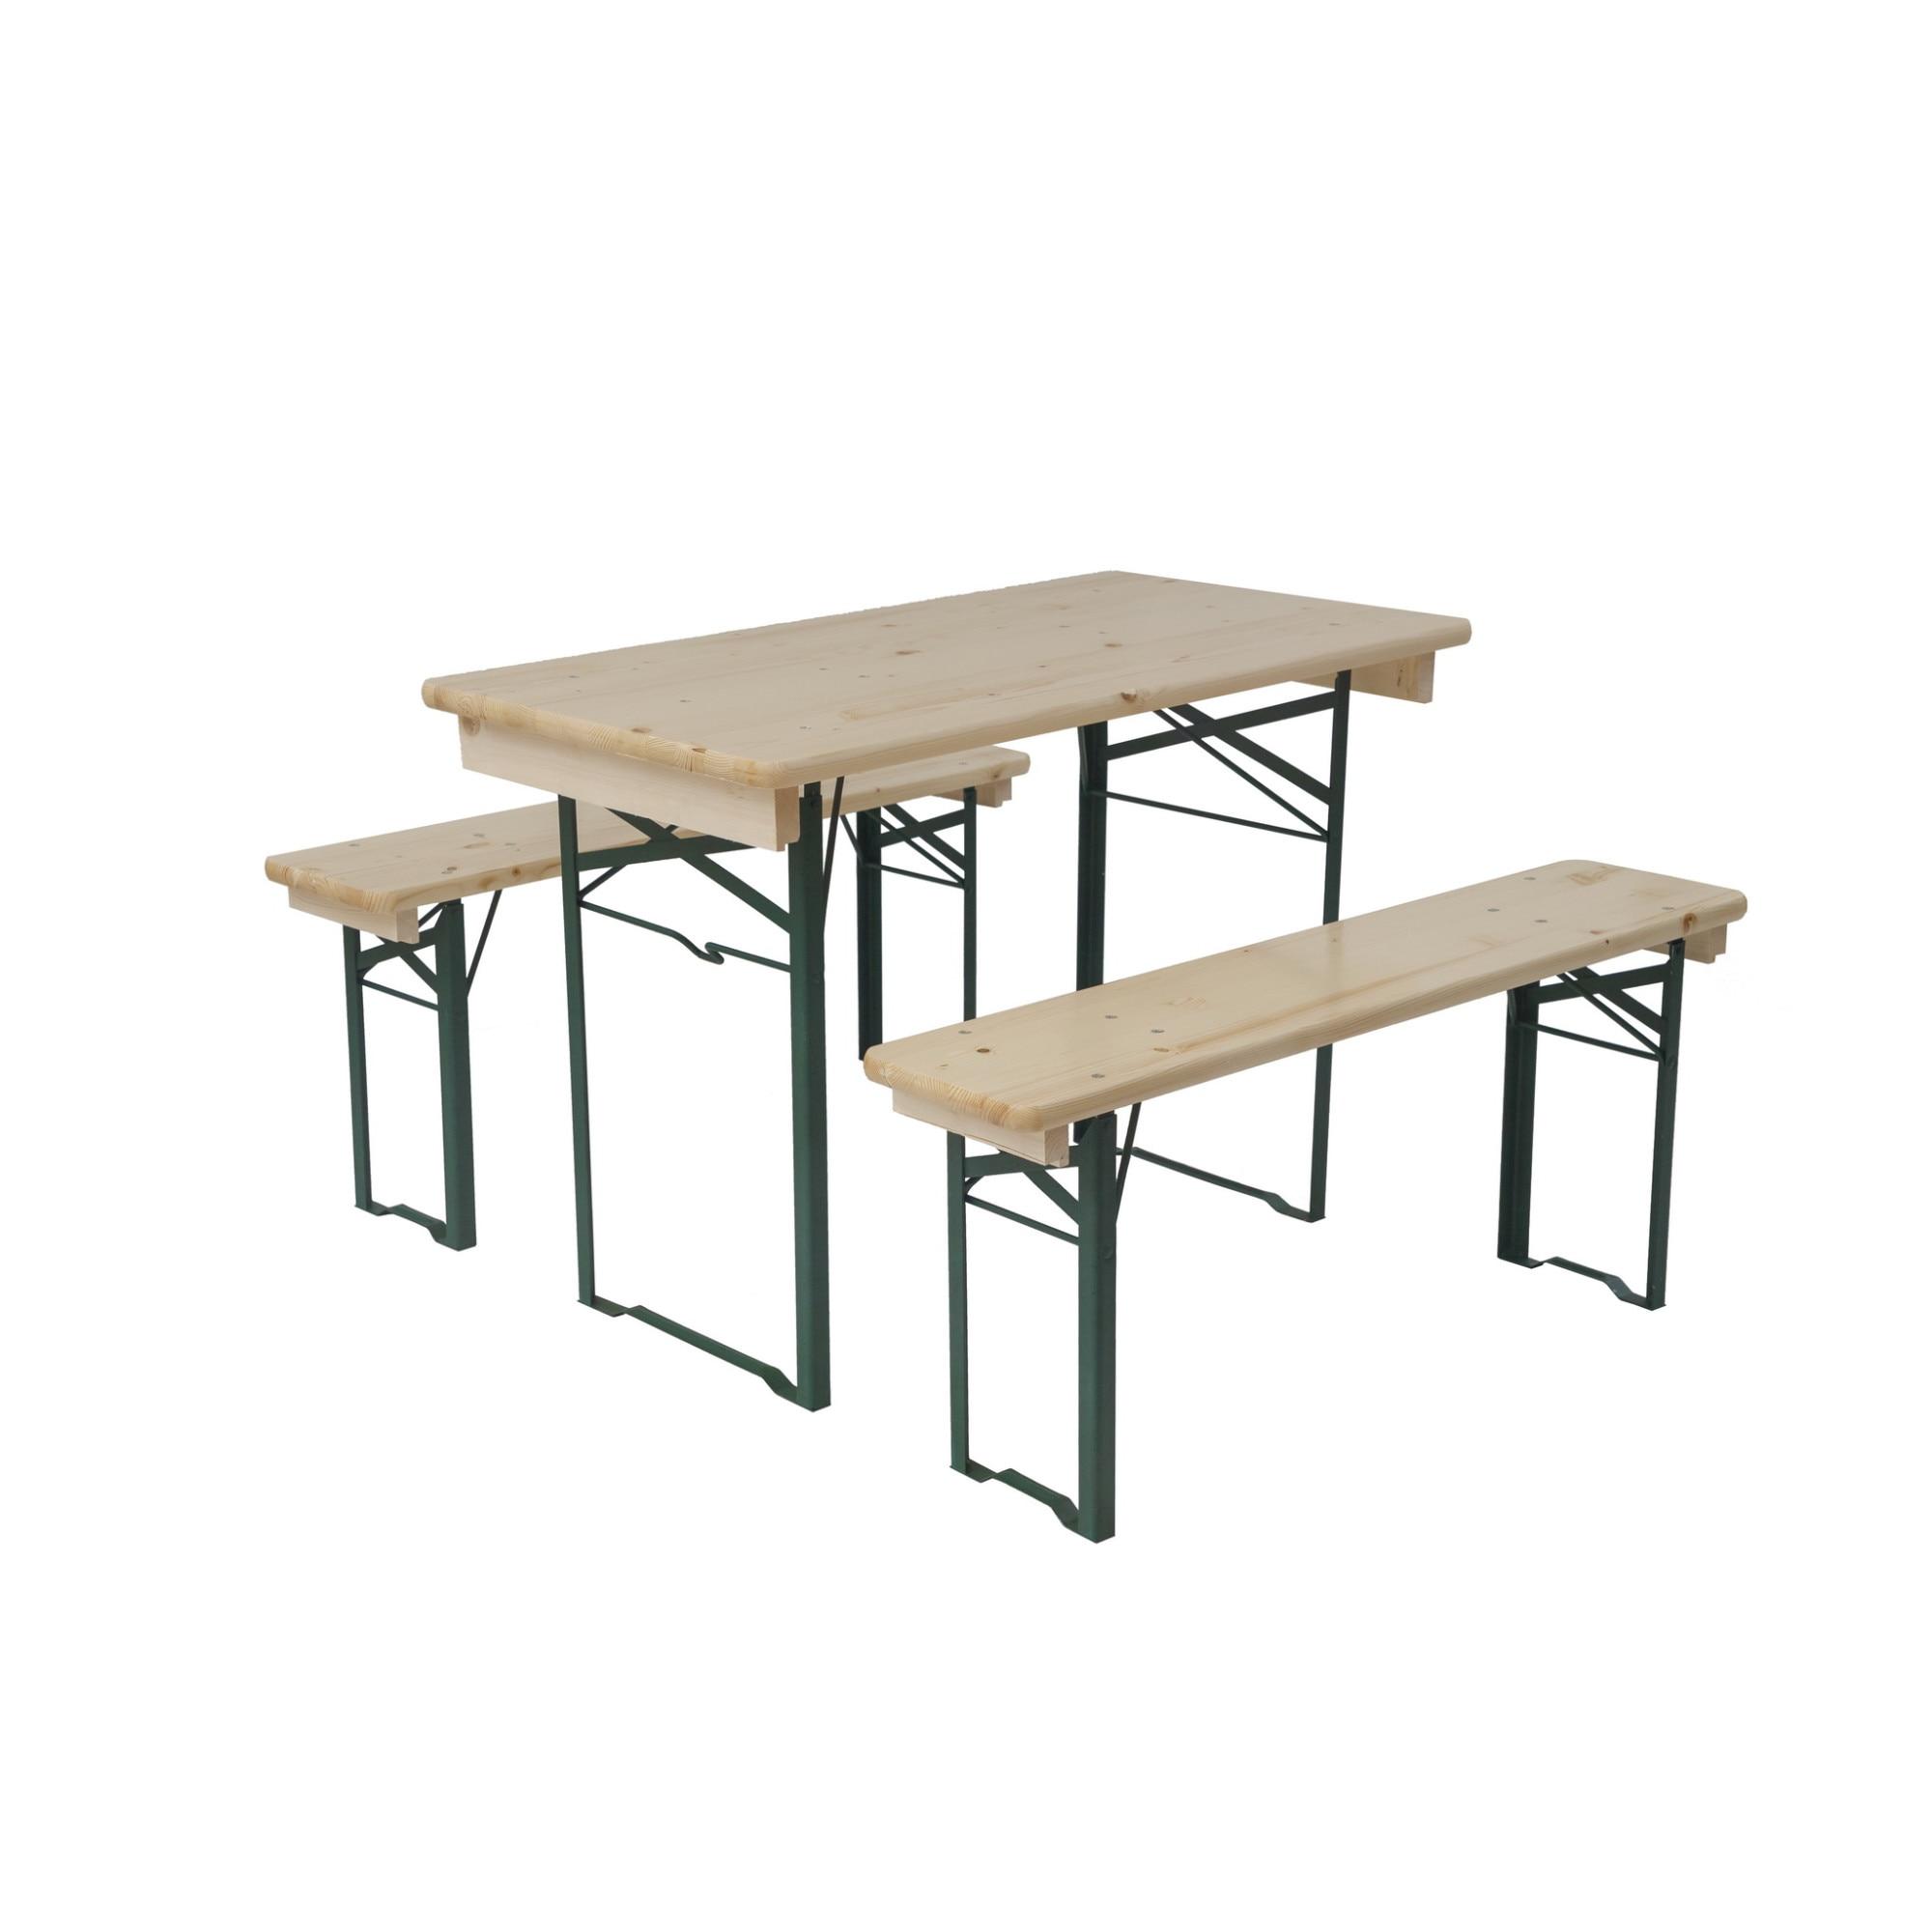 Fotografie Set mobilier voiaj lemn natur, masa 50x110 cm, 2 banci 25x110 cm